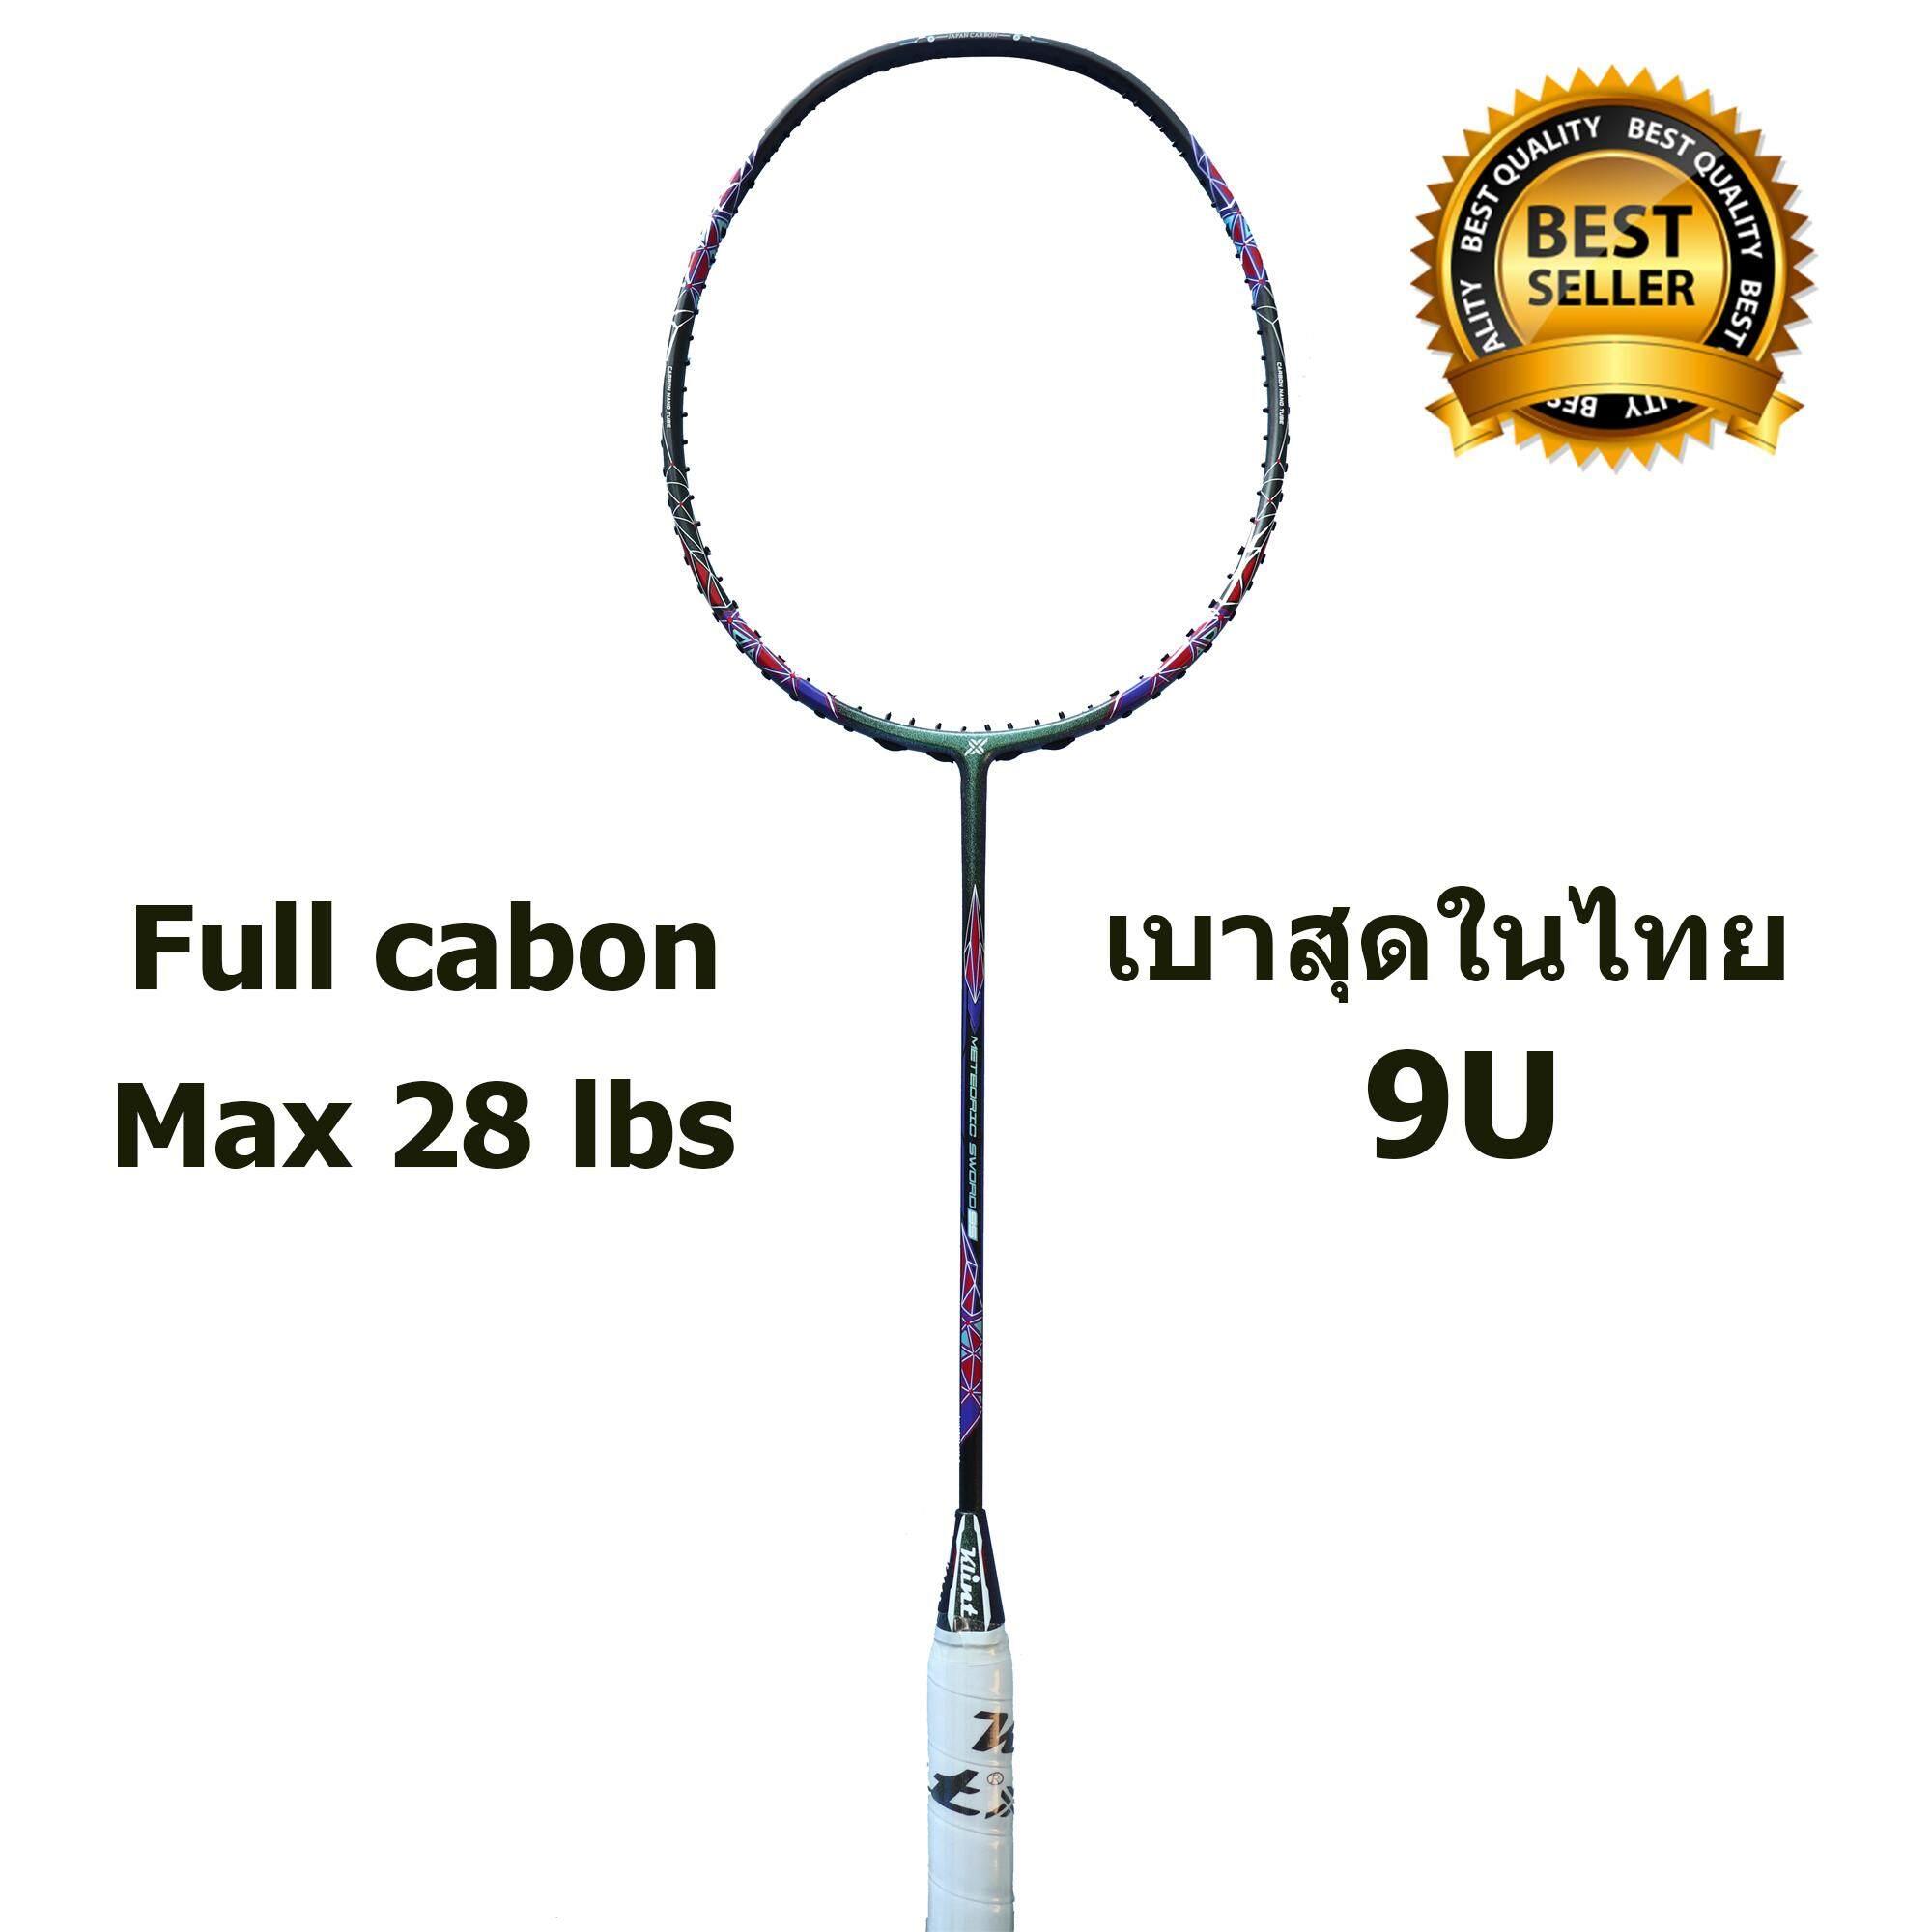 เบา 9 U เพียง 59 กรัม ไม้แบดมินตัน Klint Meteoric Swords By Badminton.